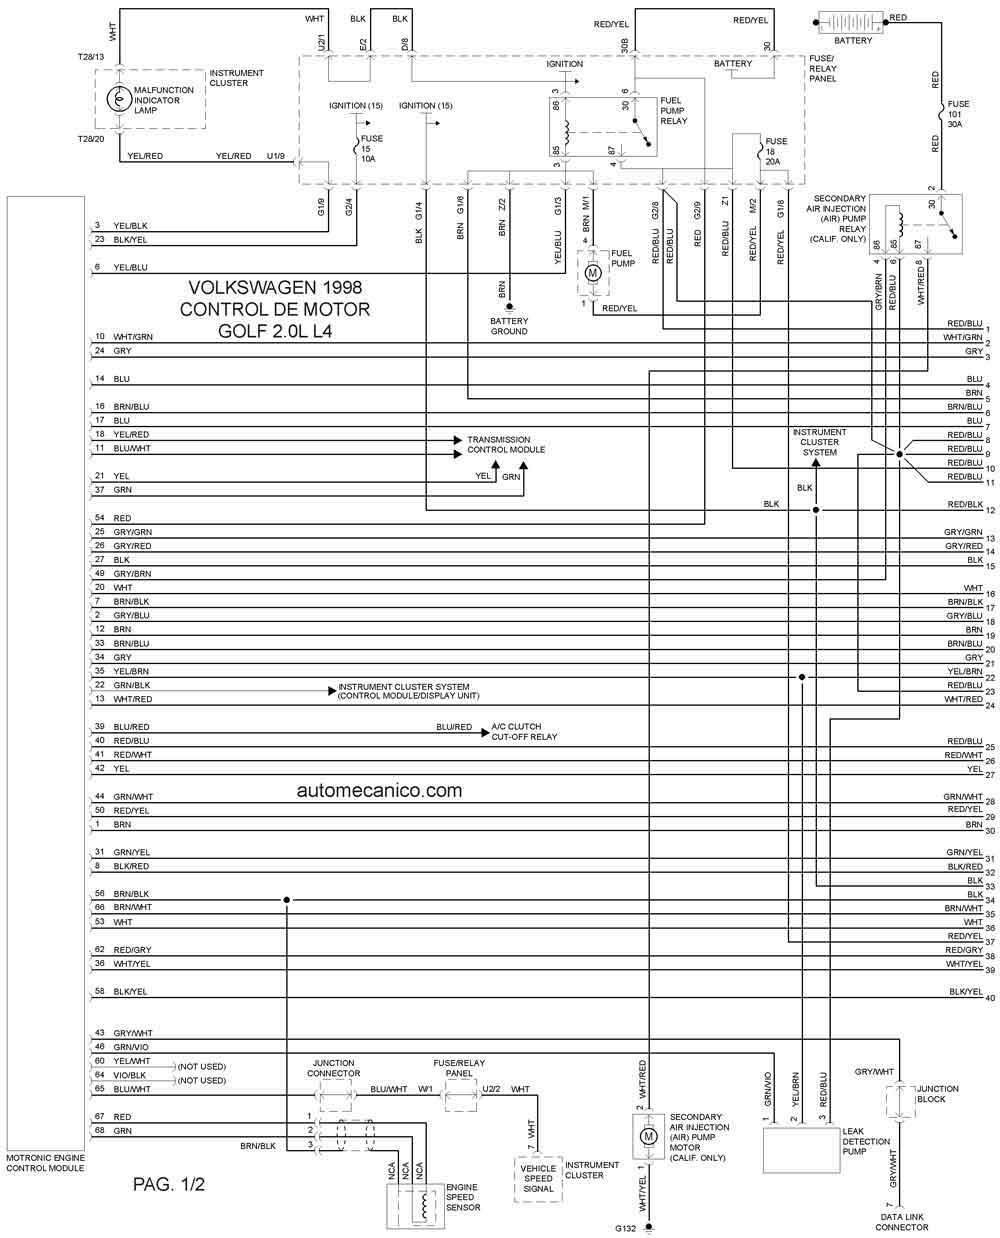 volkswagen  diagramas esquemas graphics vehiculos motores mecanica automotriz